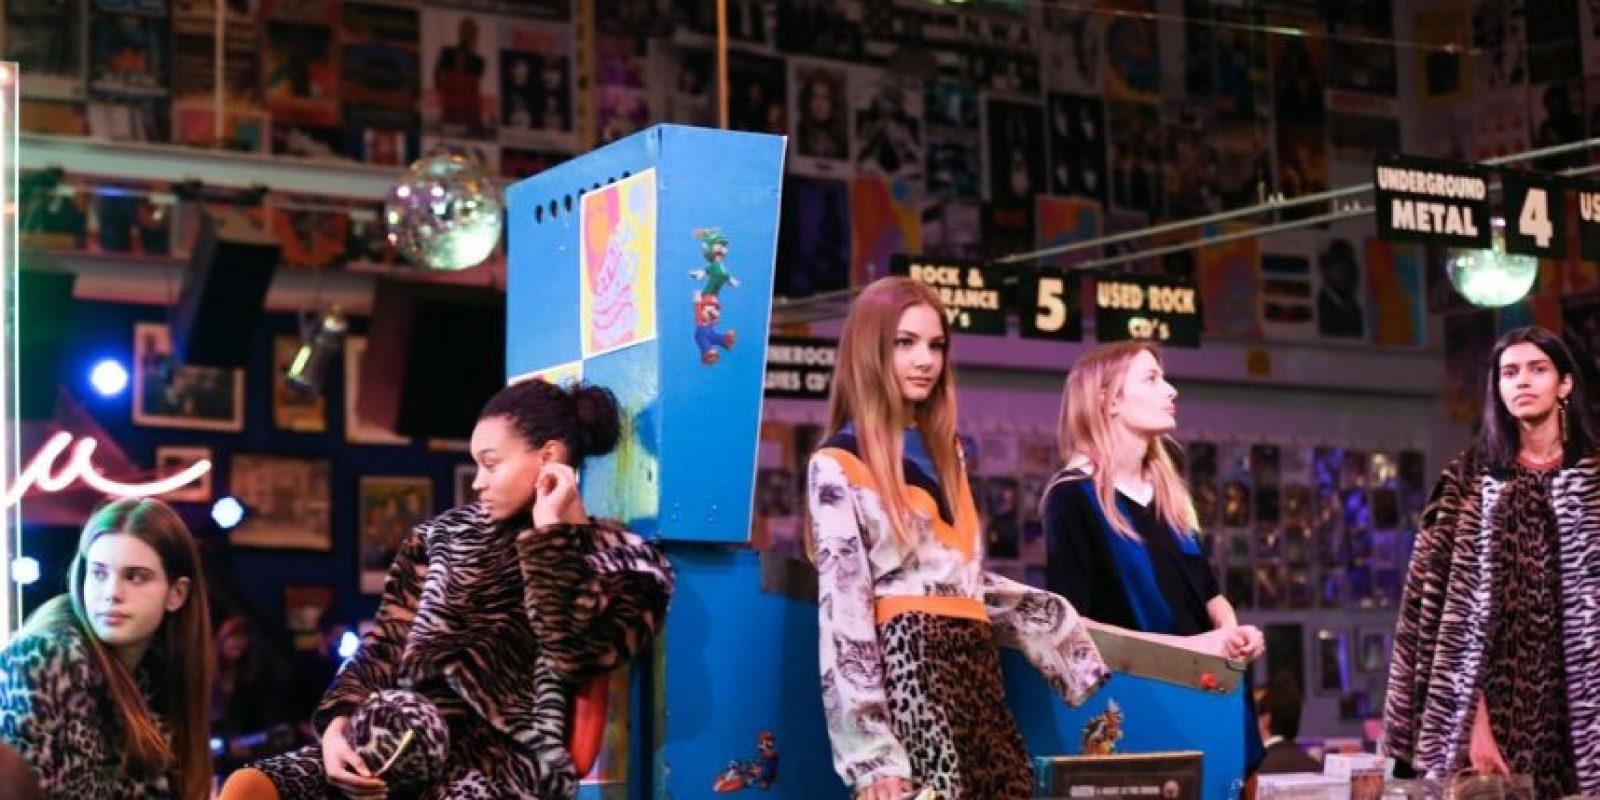 Modelos luciendo piezas de la nueva colección de Stella McCartney durante su presentación Foto:Fuente Externa